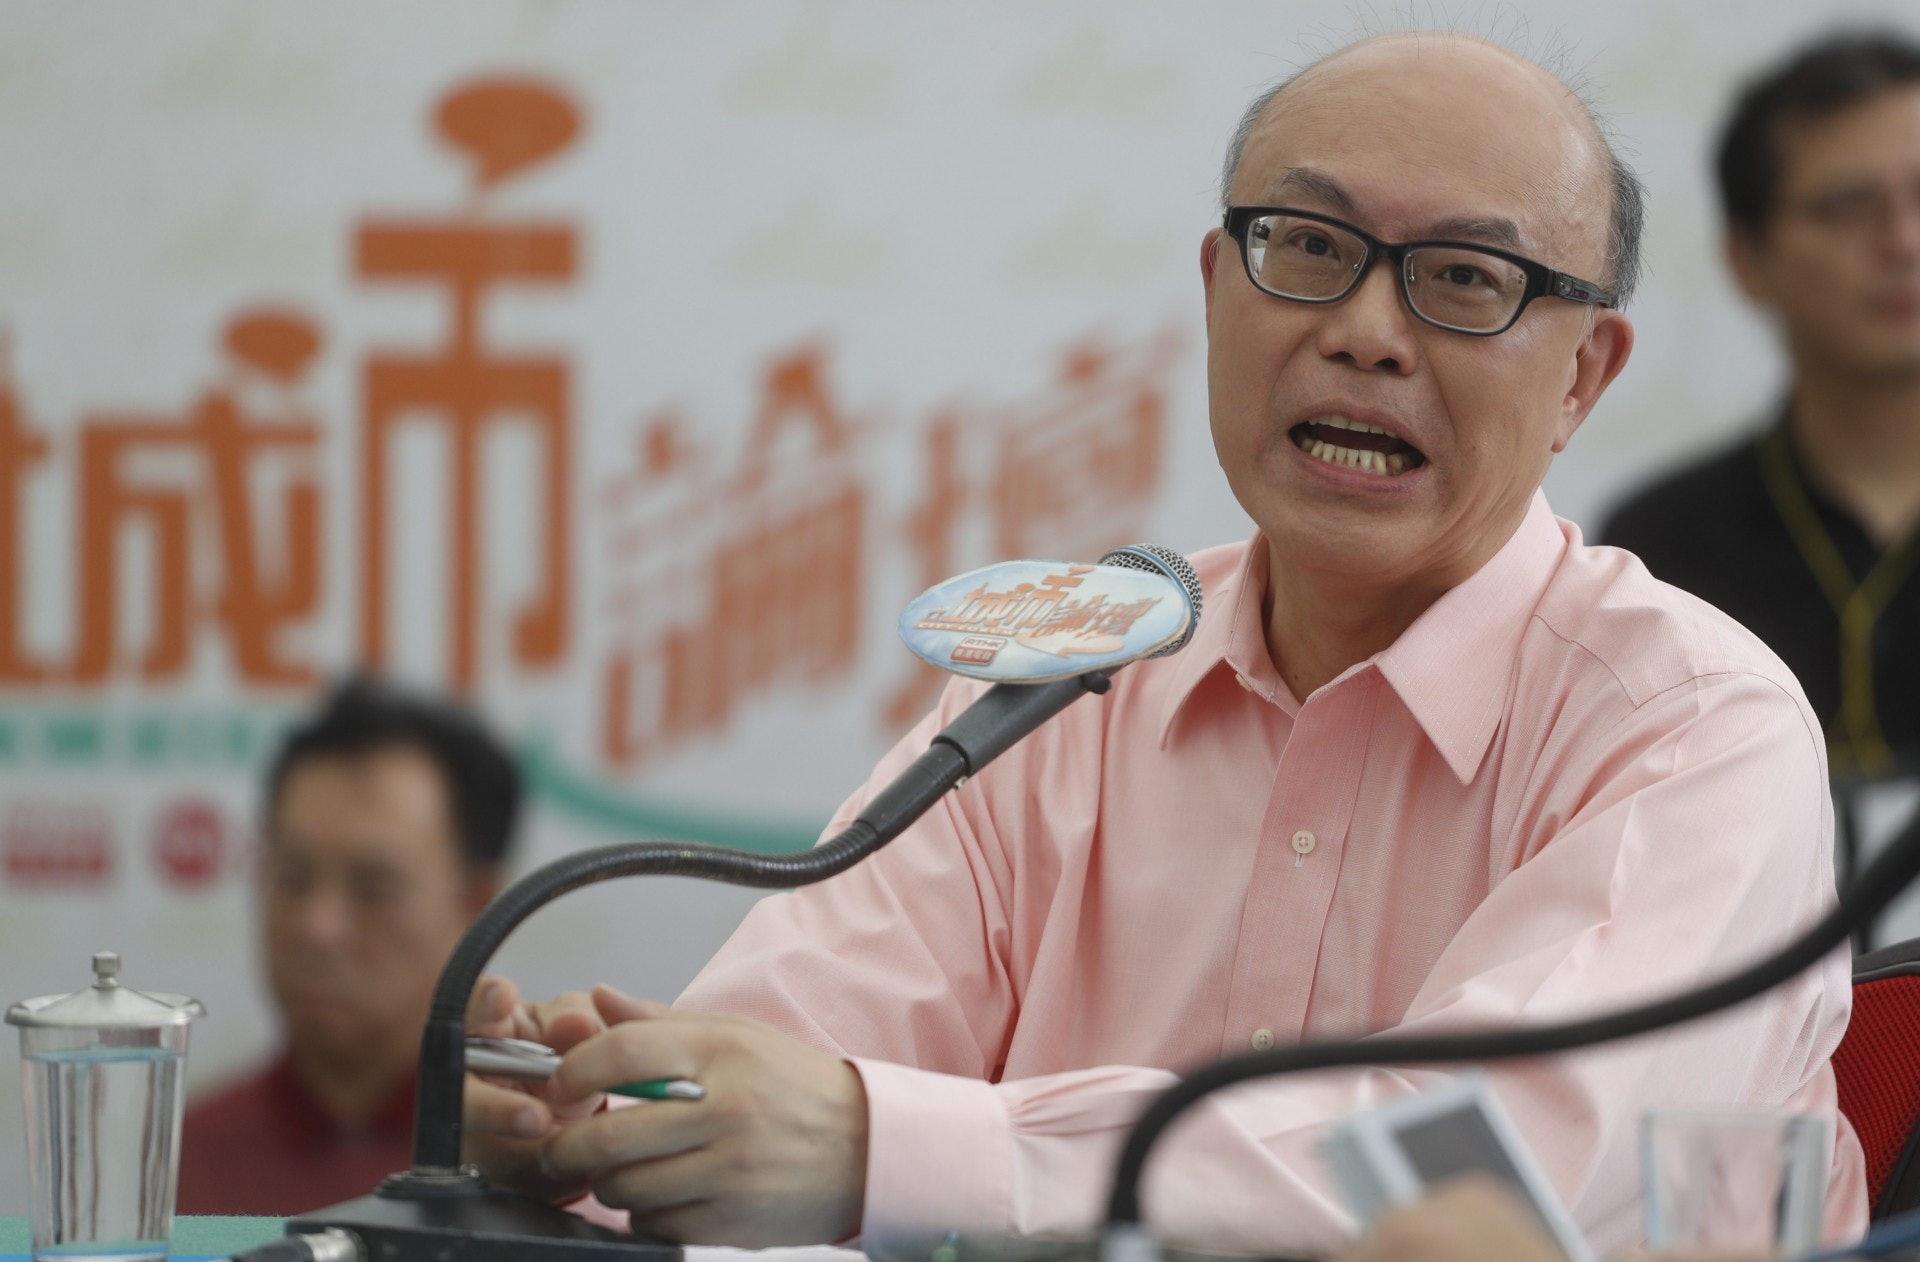 華懋現任CEO蔡宏興